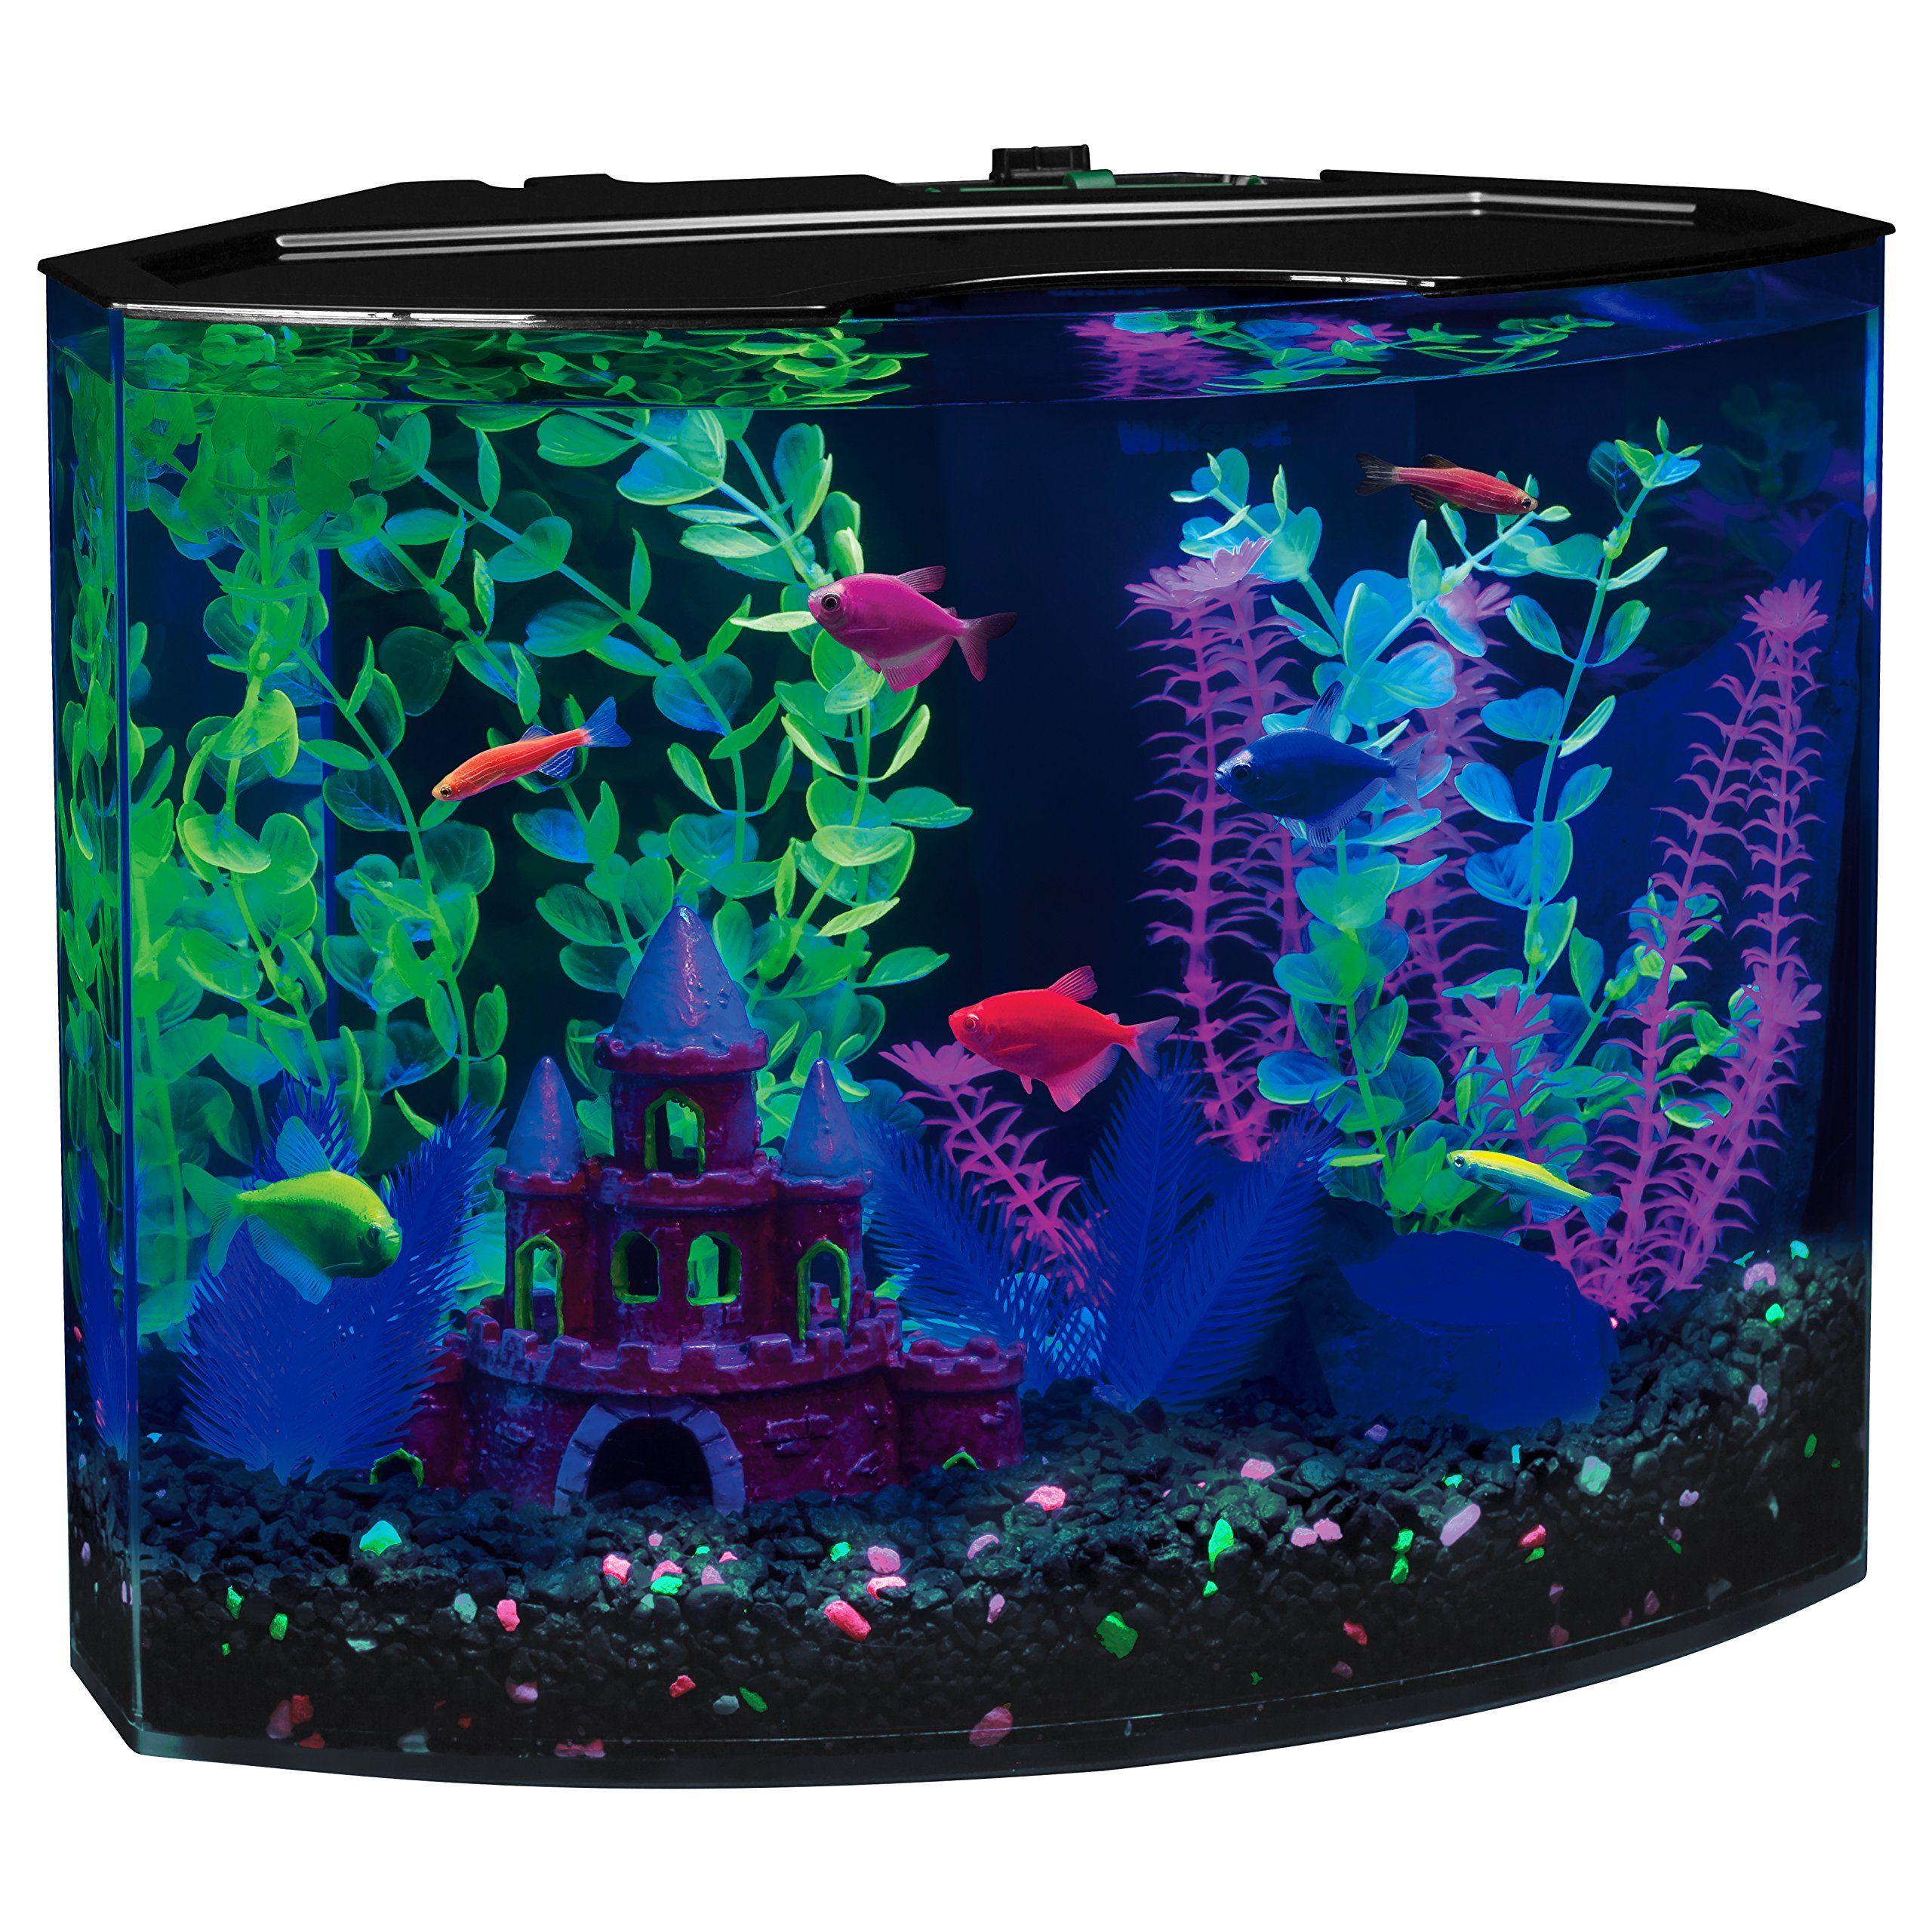 Glofish 29045 Aquarium Kit With Blue Led Light 5 Gallon 5